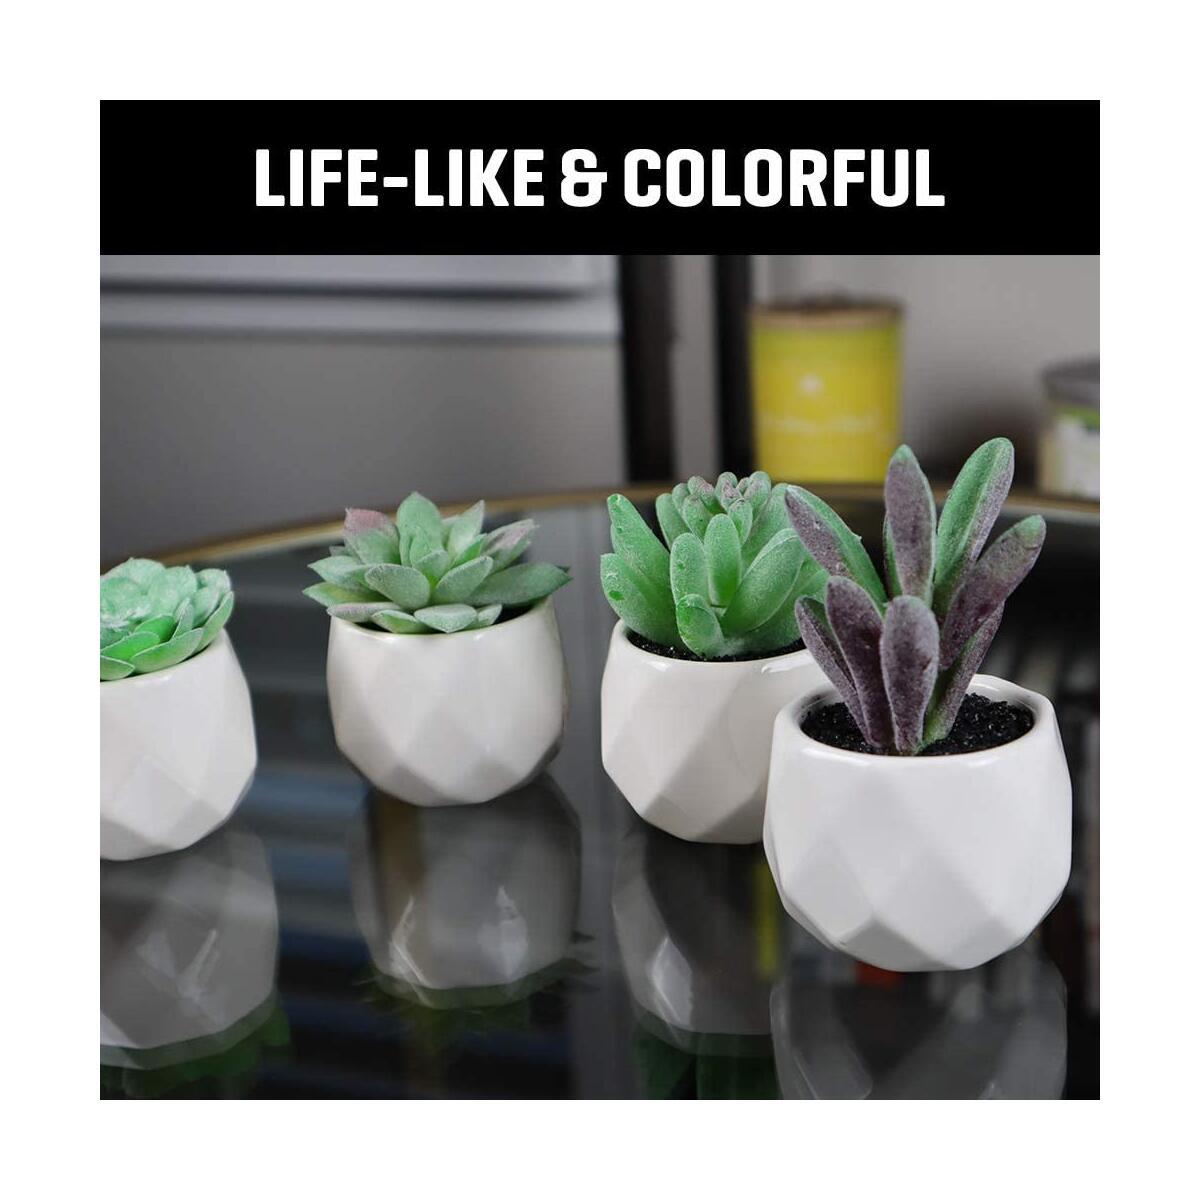 Artificial Succulent Plants (Set of 4)